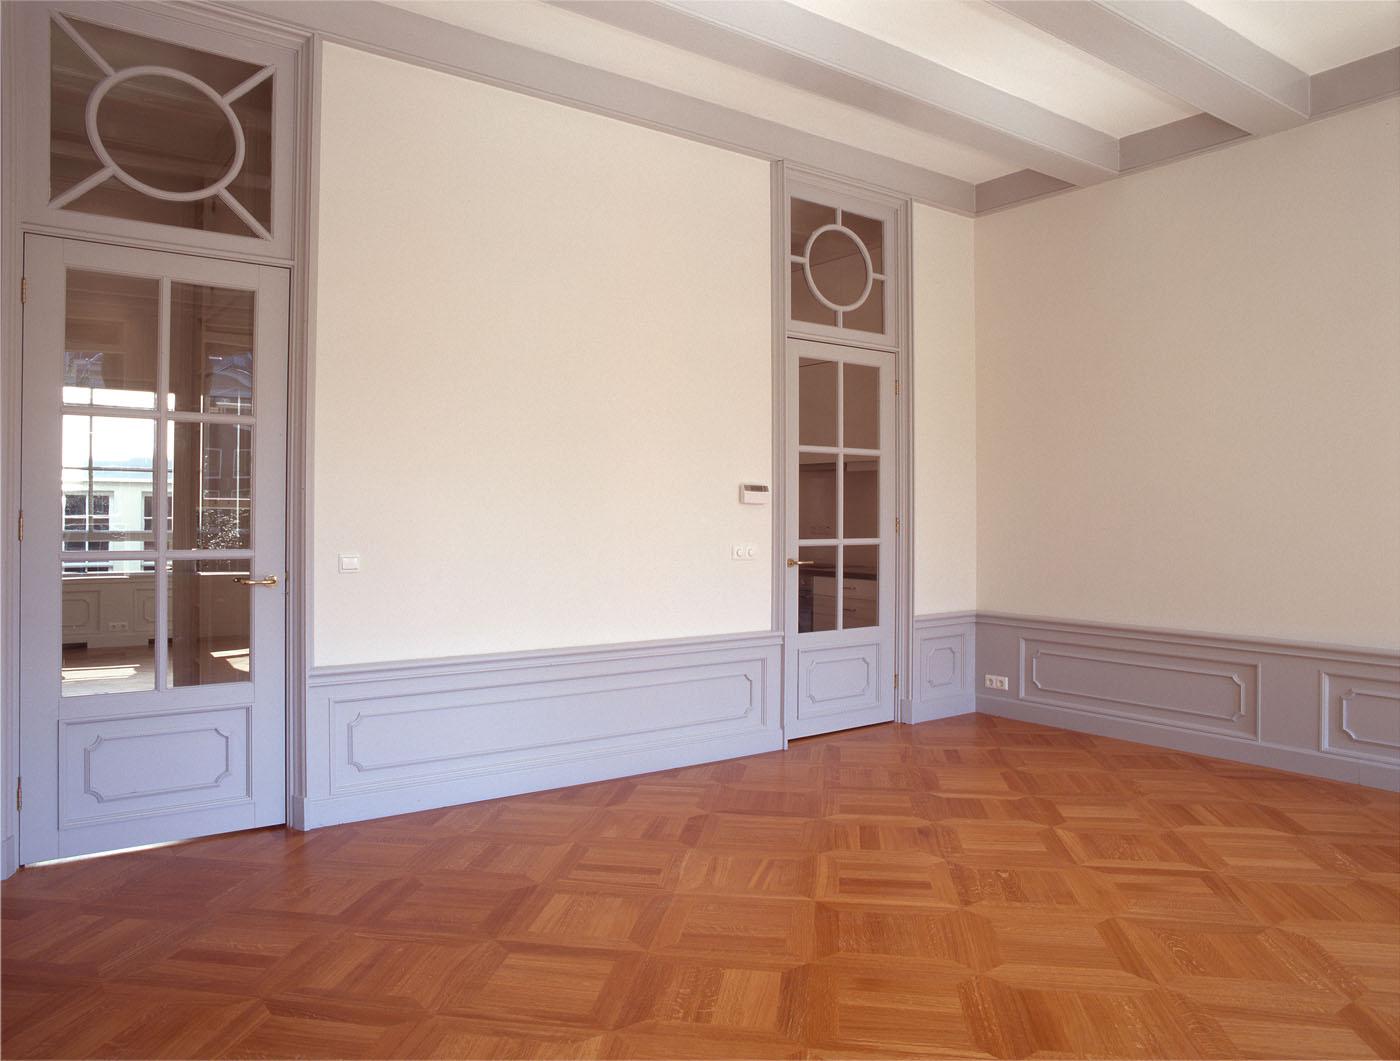 Architectenbureau Vroom